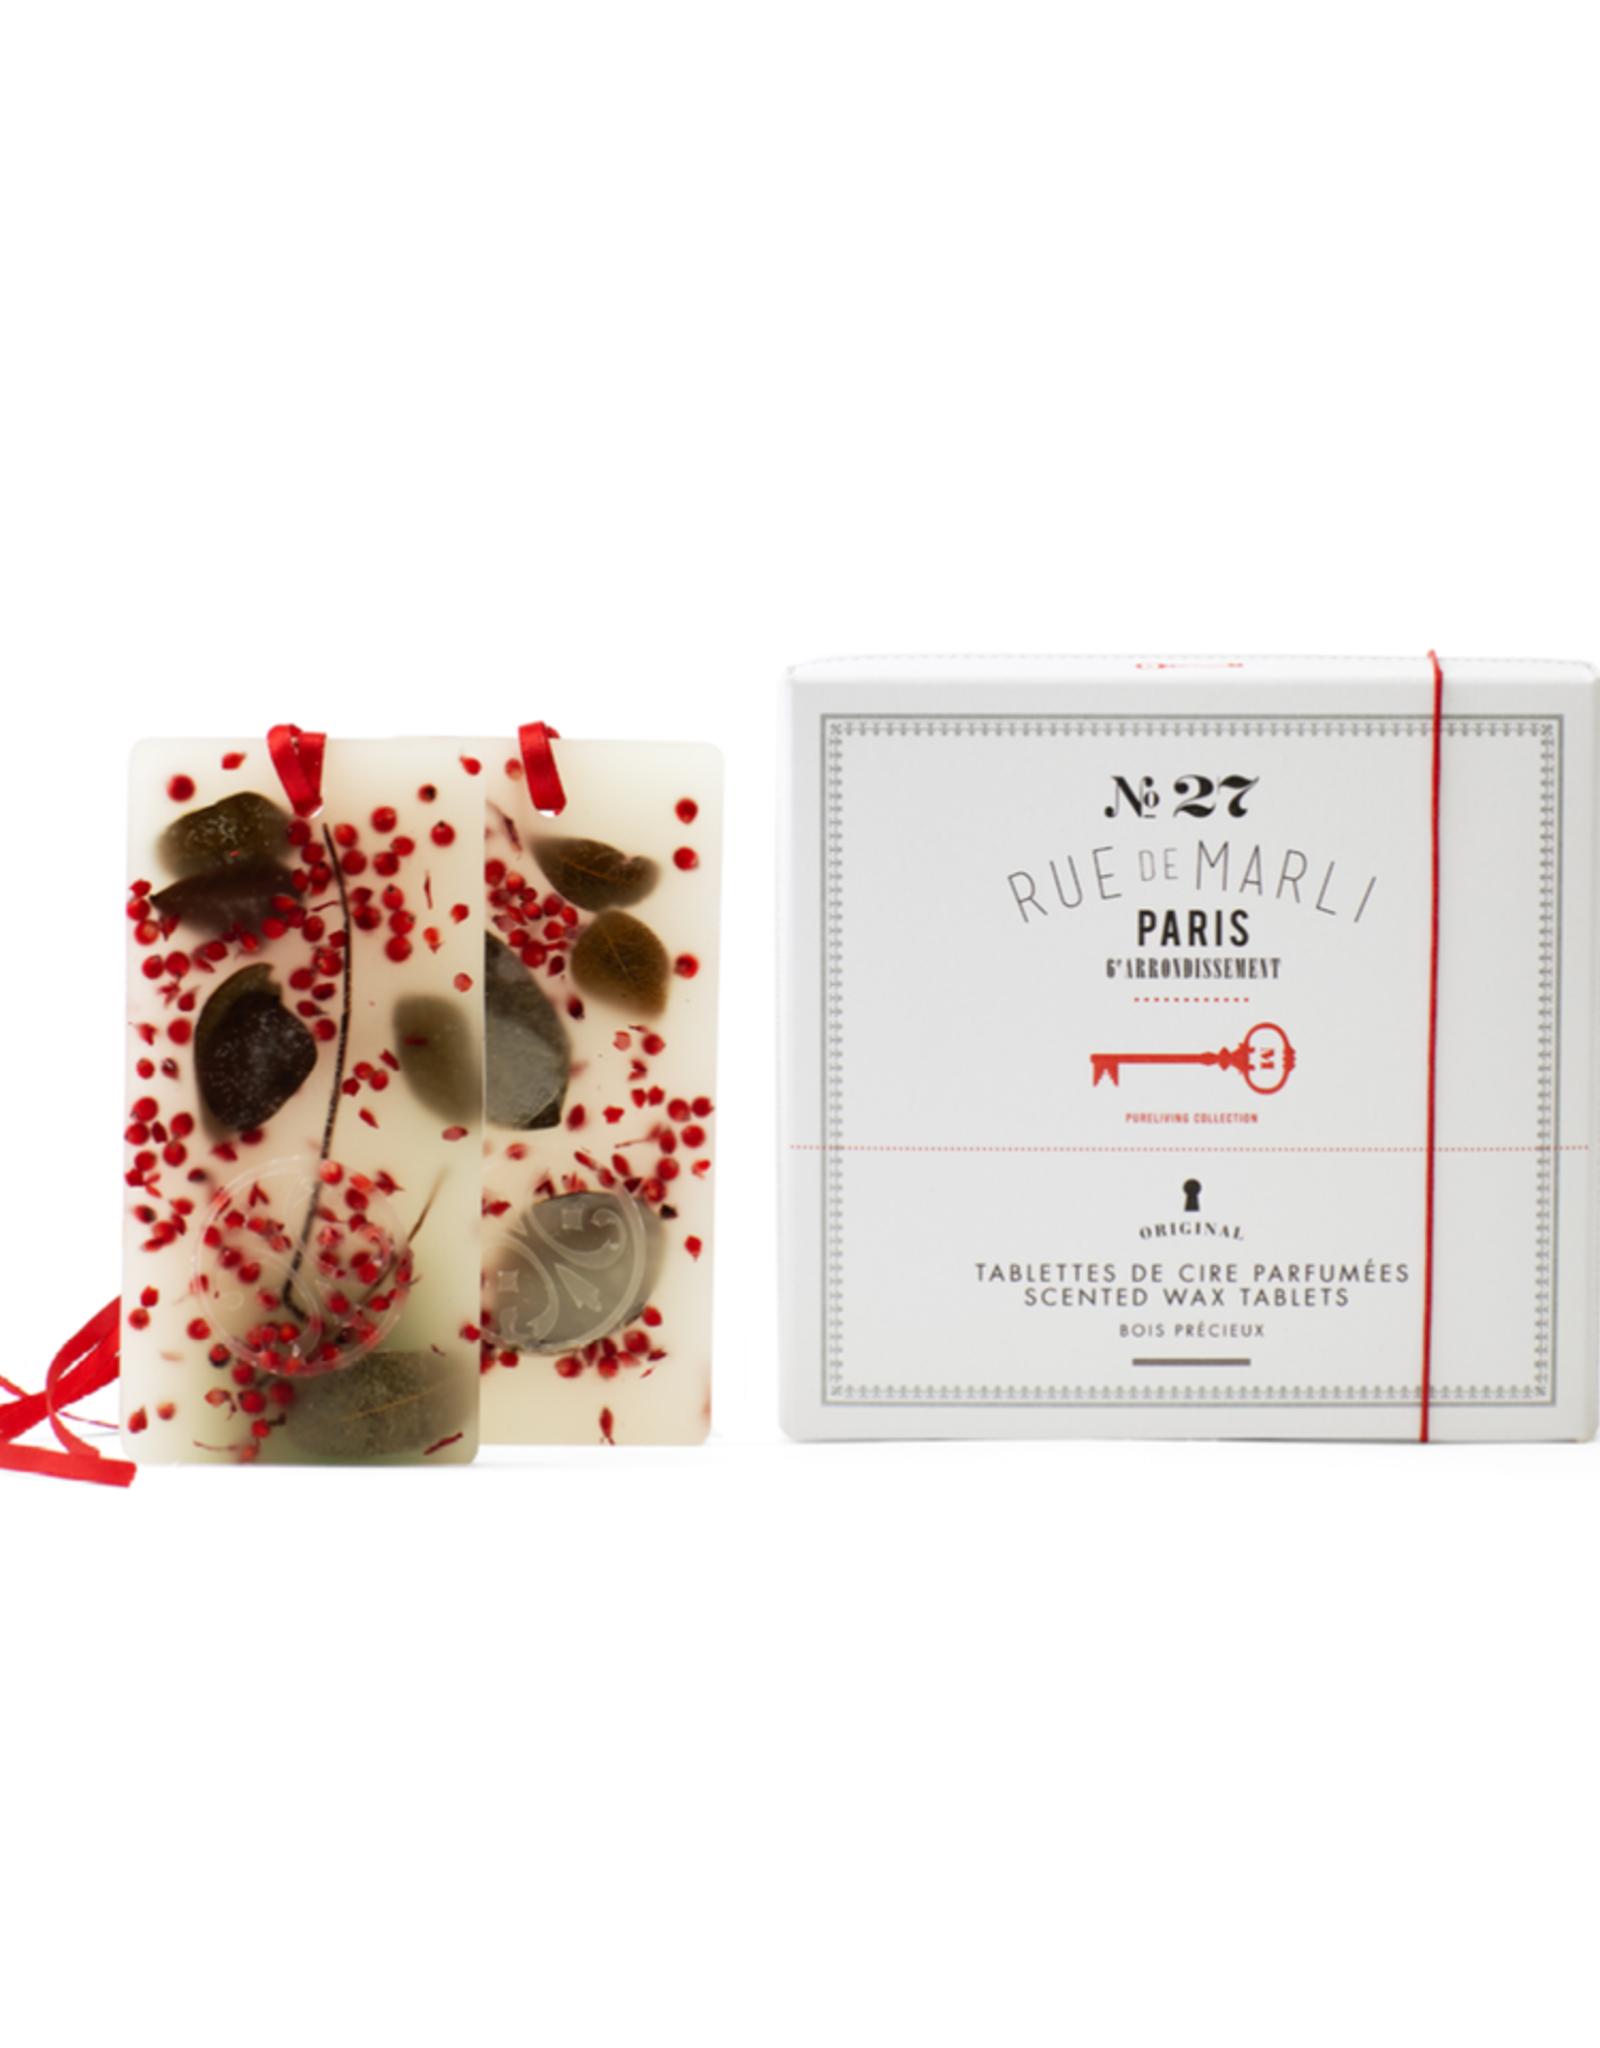 Rue de Marli Tablettes de cire parfumées N°27 - Bois précieux